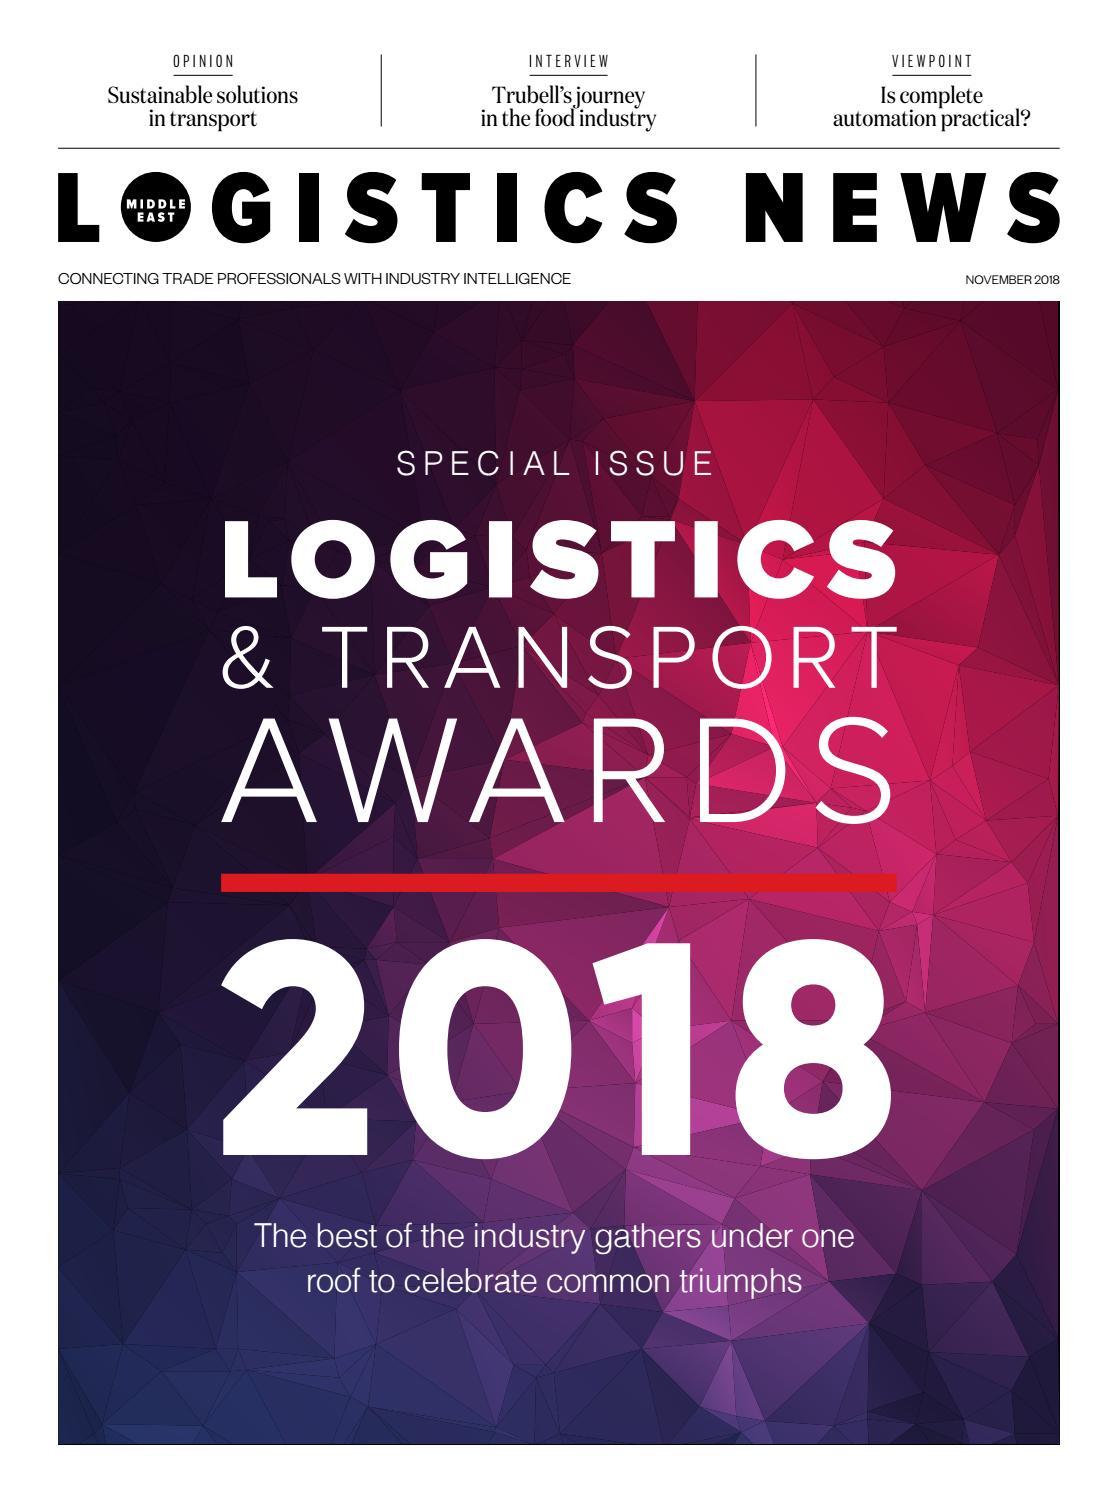 http://www.cbnme.com/magazines/logistics-news-me-november-2018/